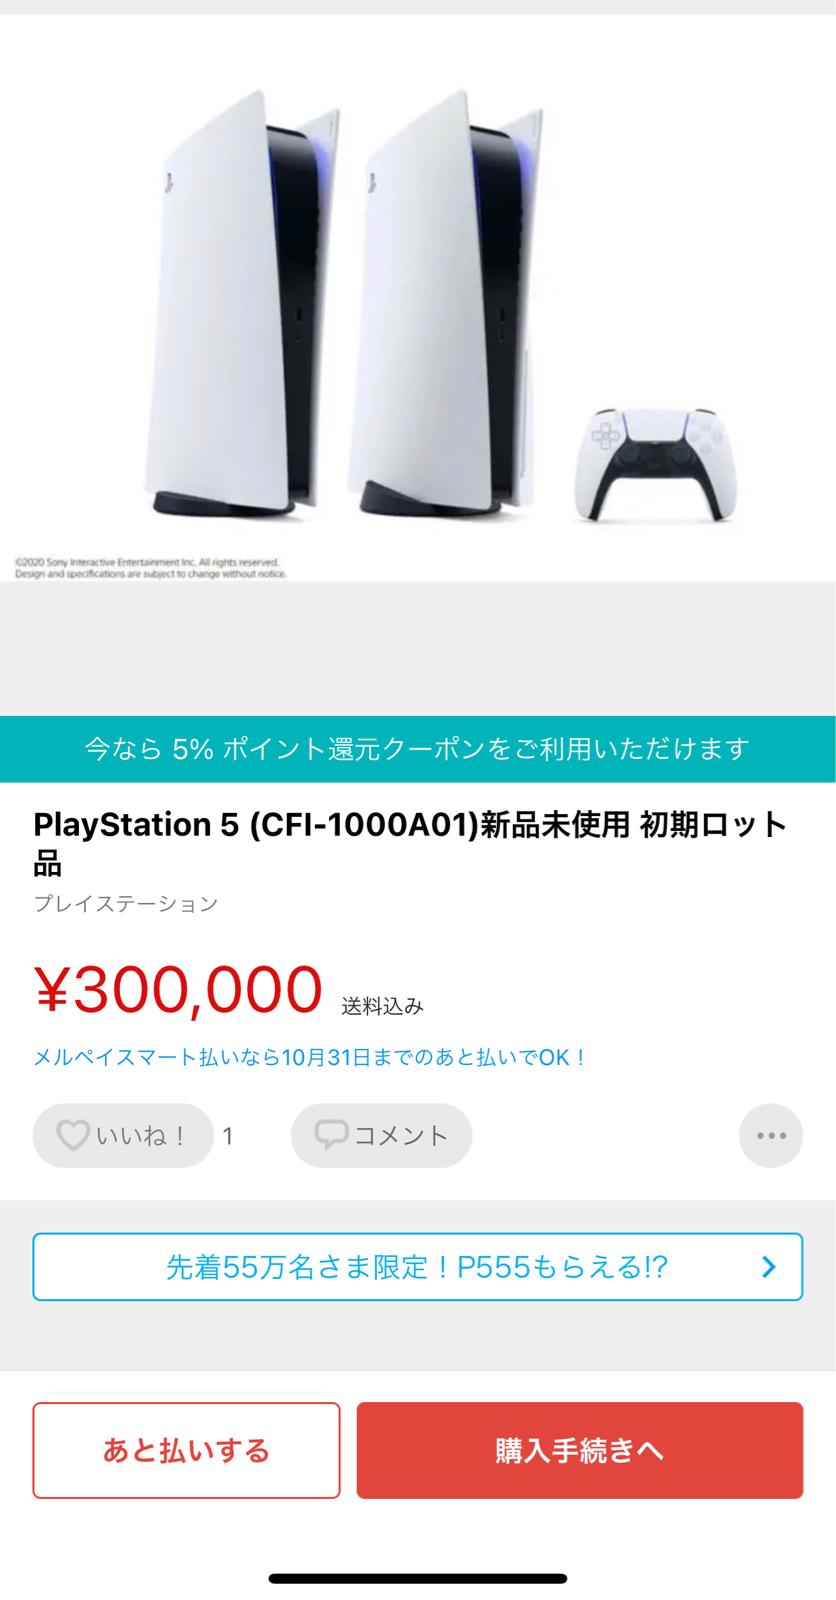 【大勝利】アマゾンの『PlayStation 5』転売業者が一掃される キャンセル料5万円を取る悪質業者まで